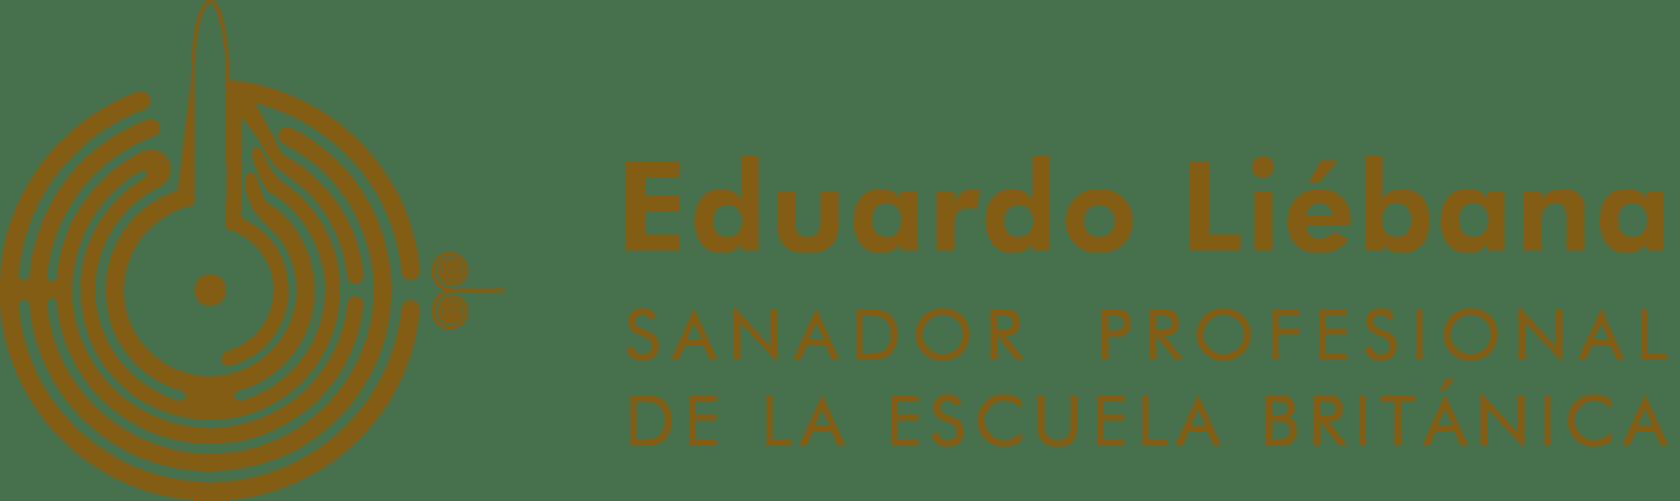 Eduardo Liébana